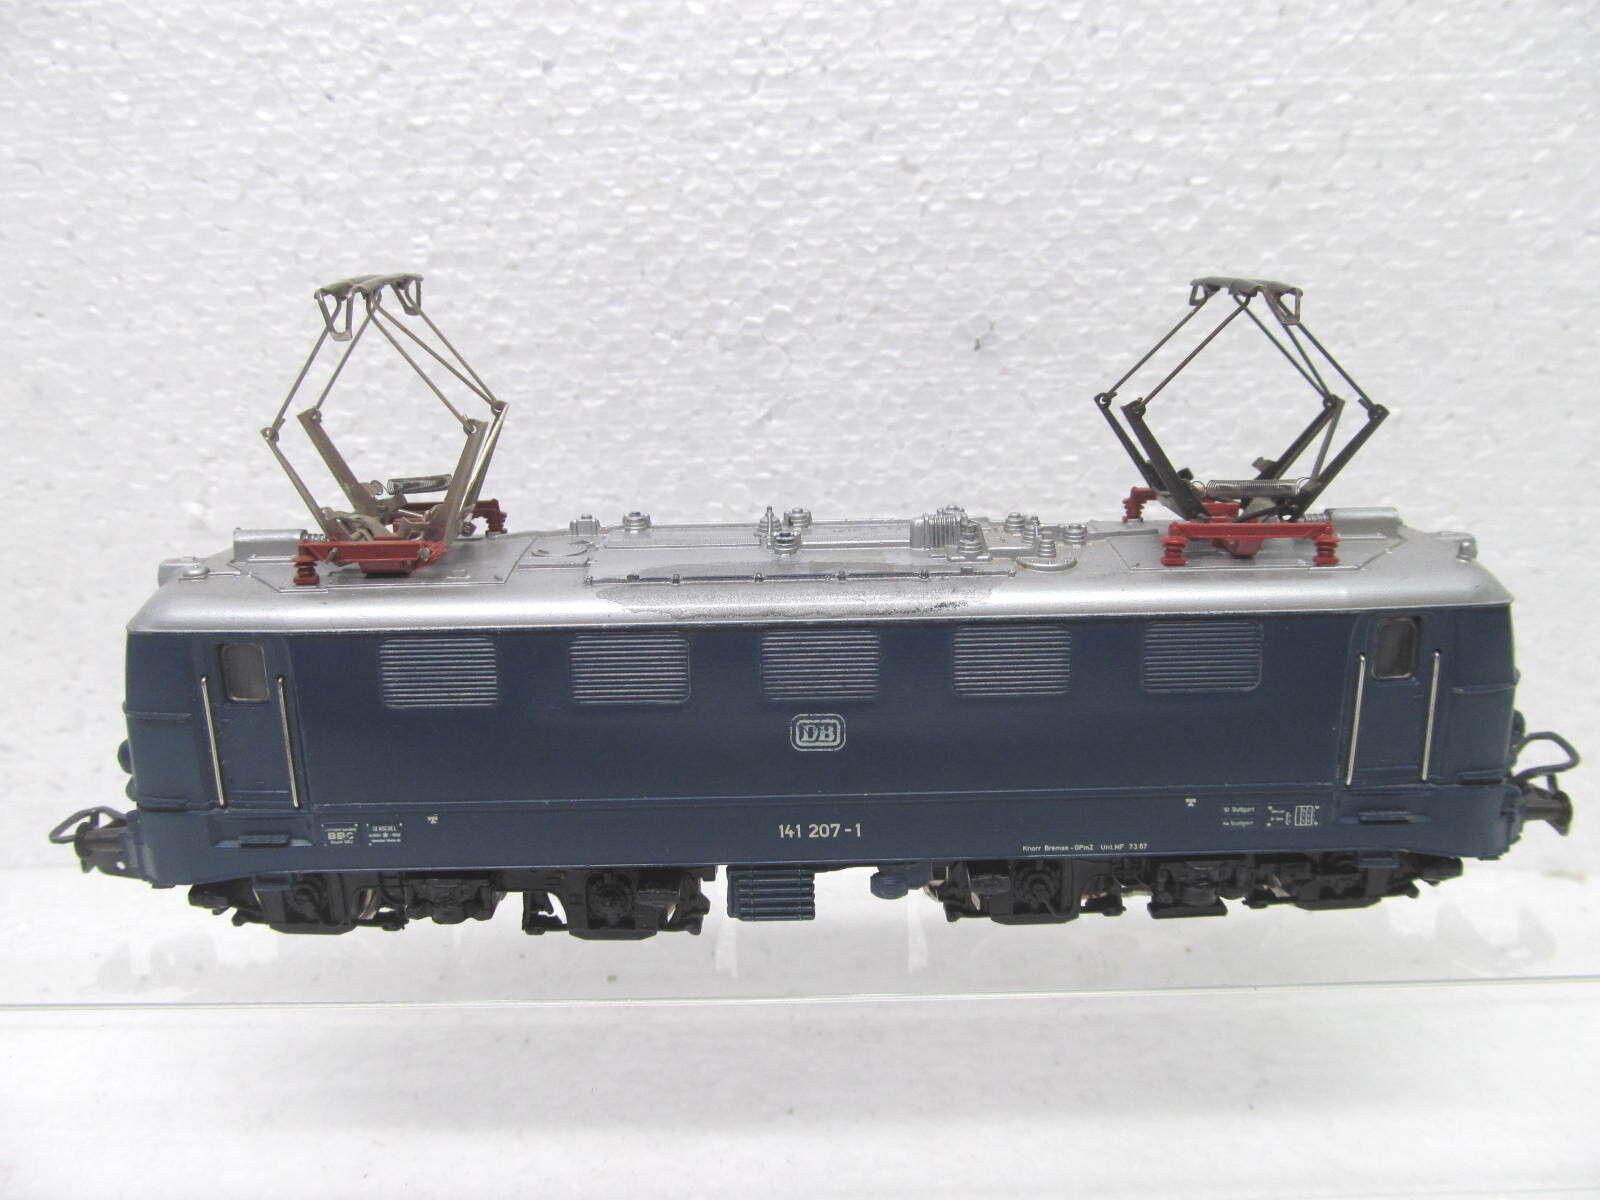 Mes-38816   h0 E-Lok DB 141 207-1 con segni di usura, esaminato funzione,